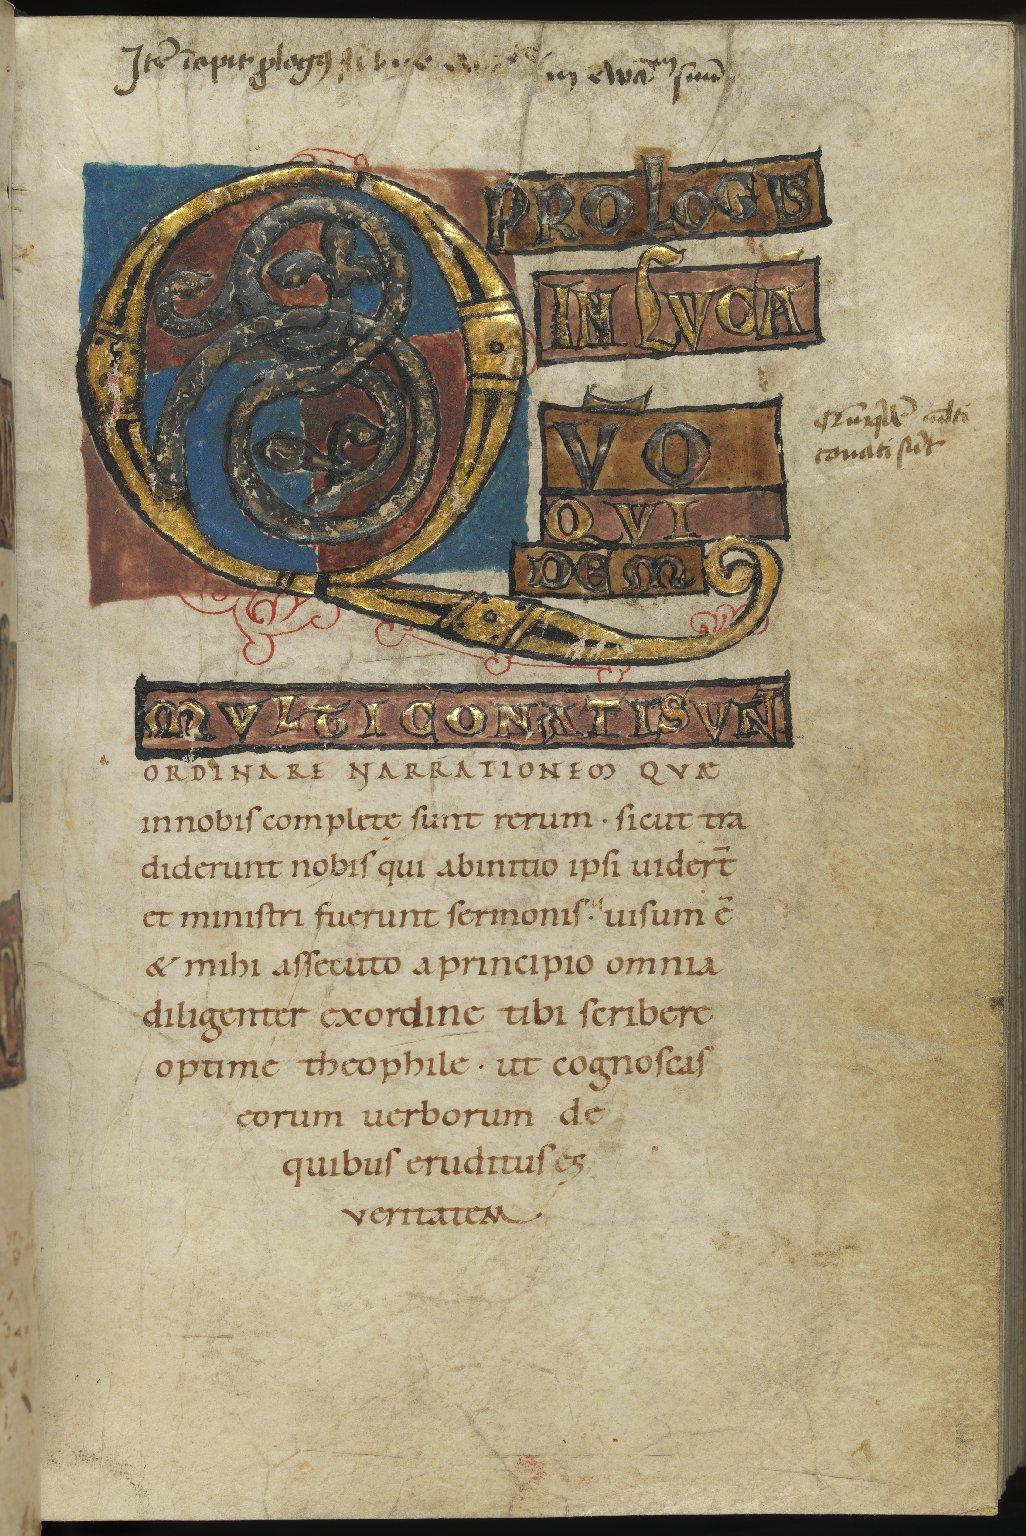 Four Gospels, Germany, 11th C., f.122r